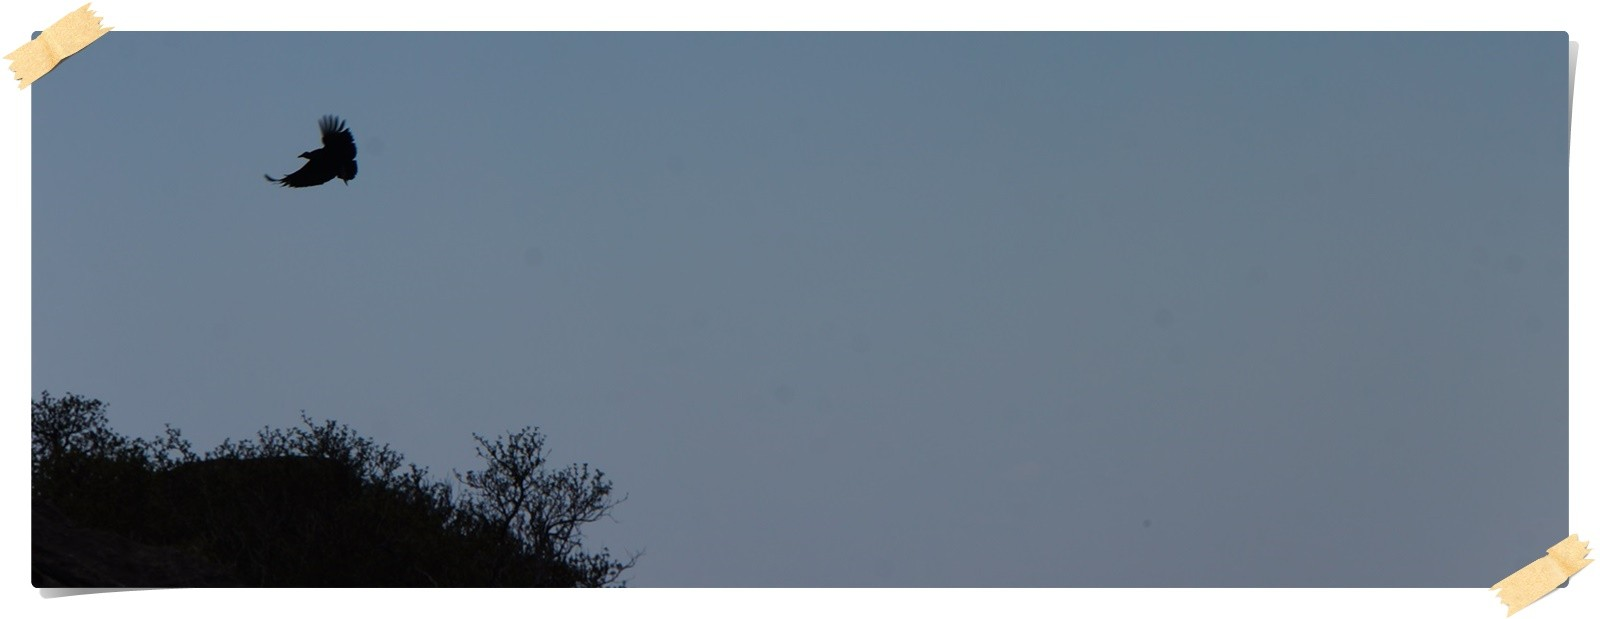 ...einen Condor zu sehen